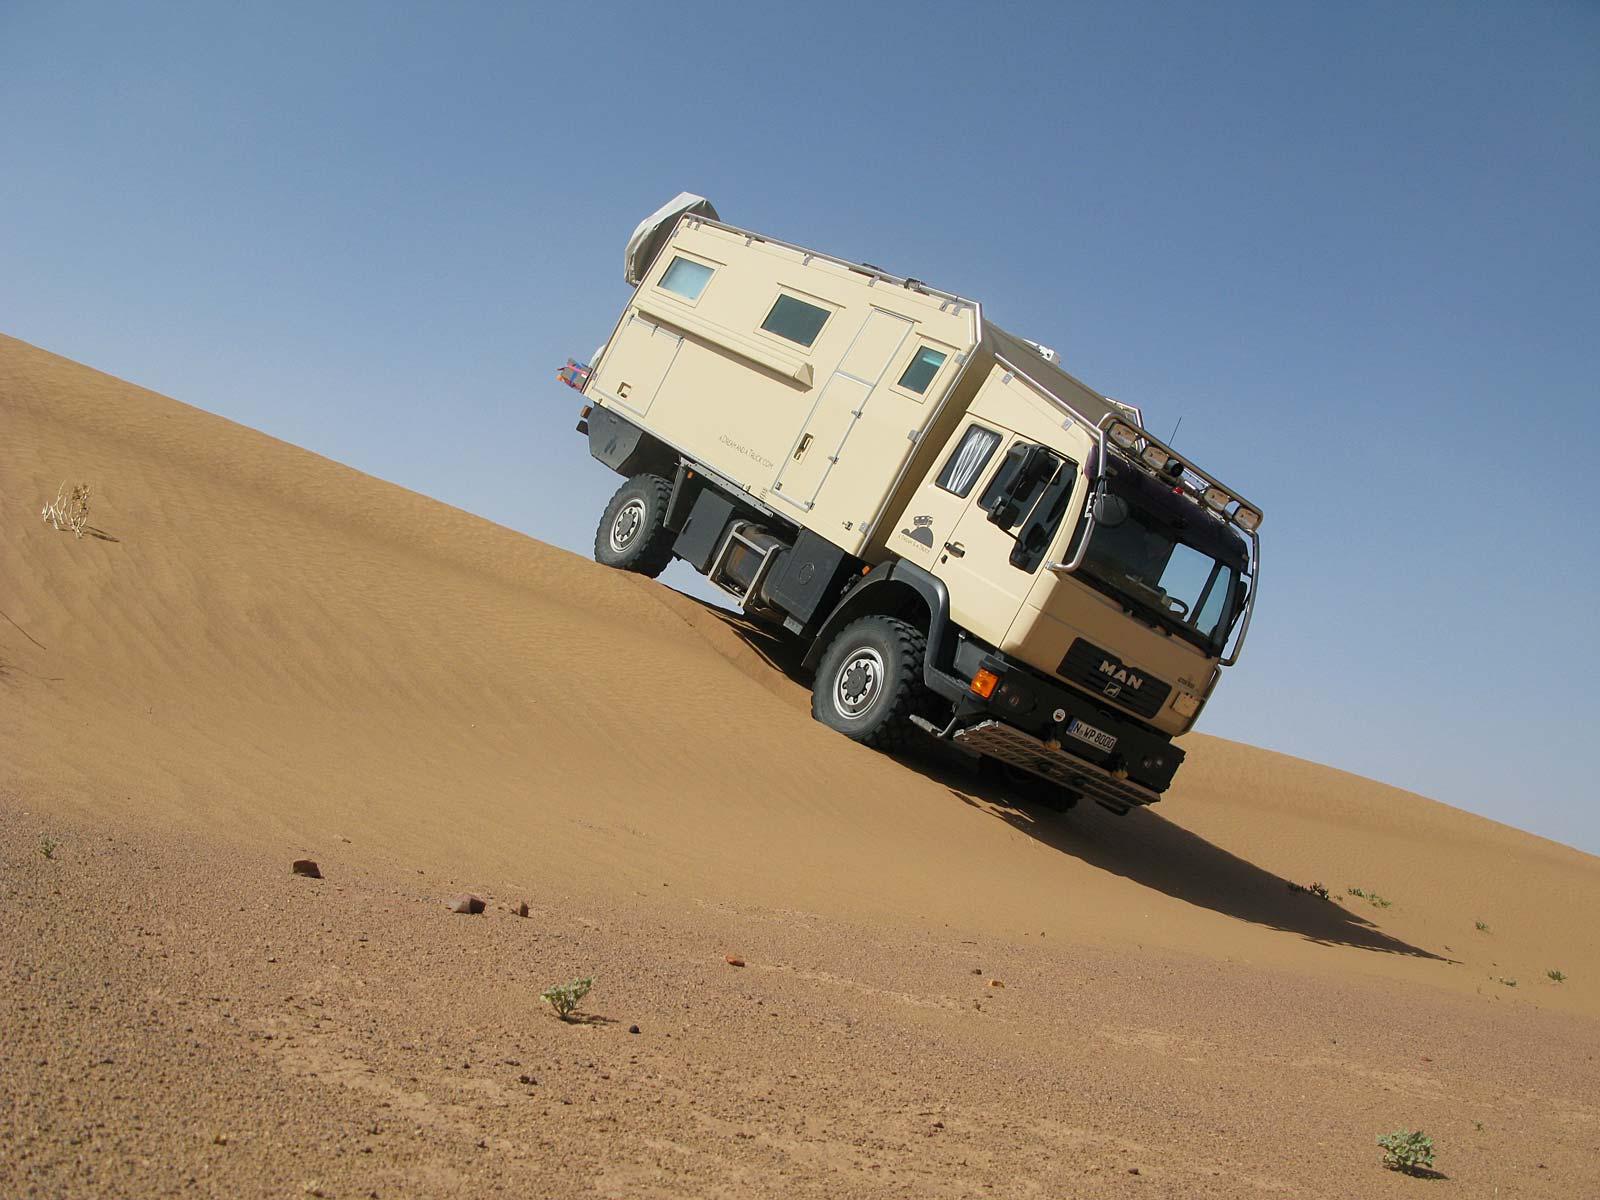 Fahrtraining in der Wüste mit dem Truck